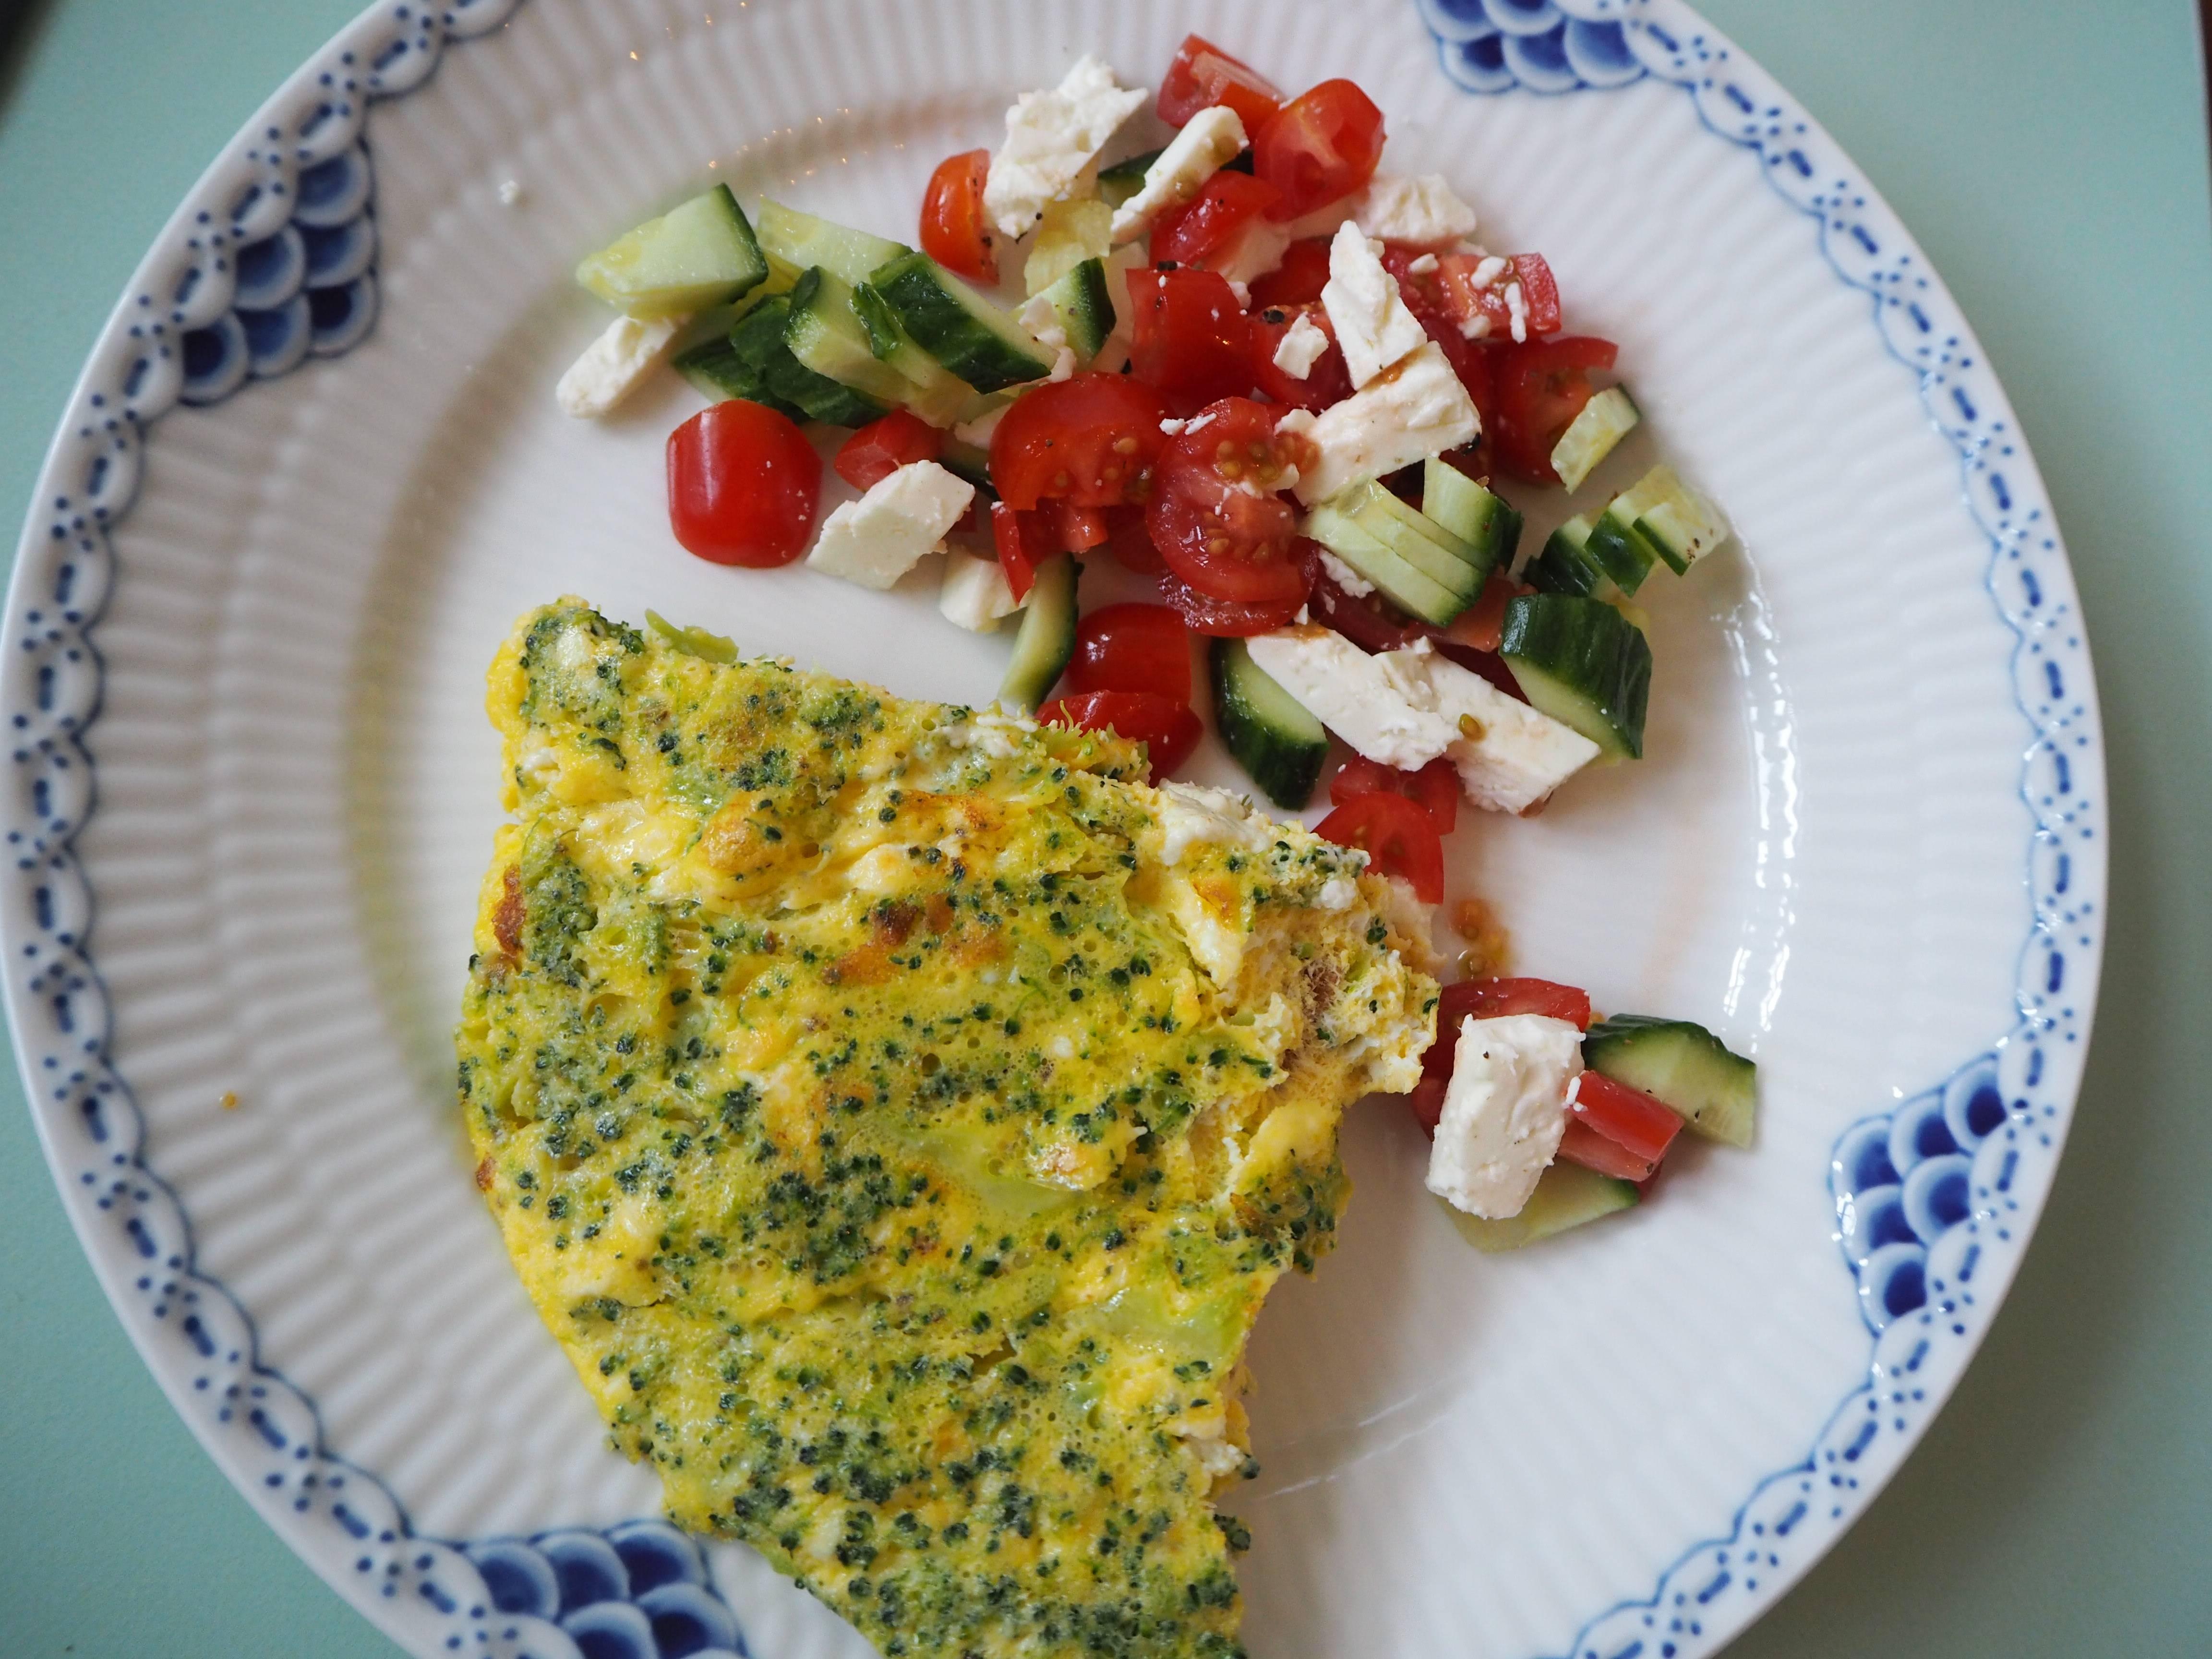 Похудение на брокколи — польза для организма, диетические рецепты блюд с фото и меню диеты